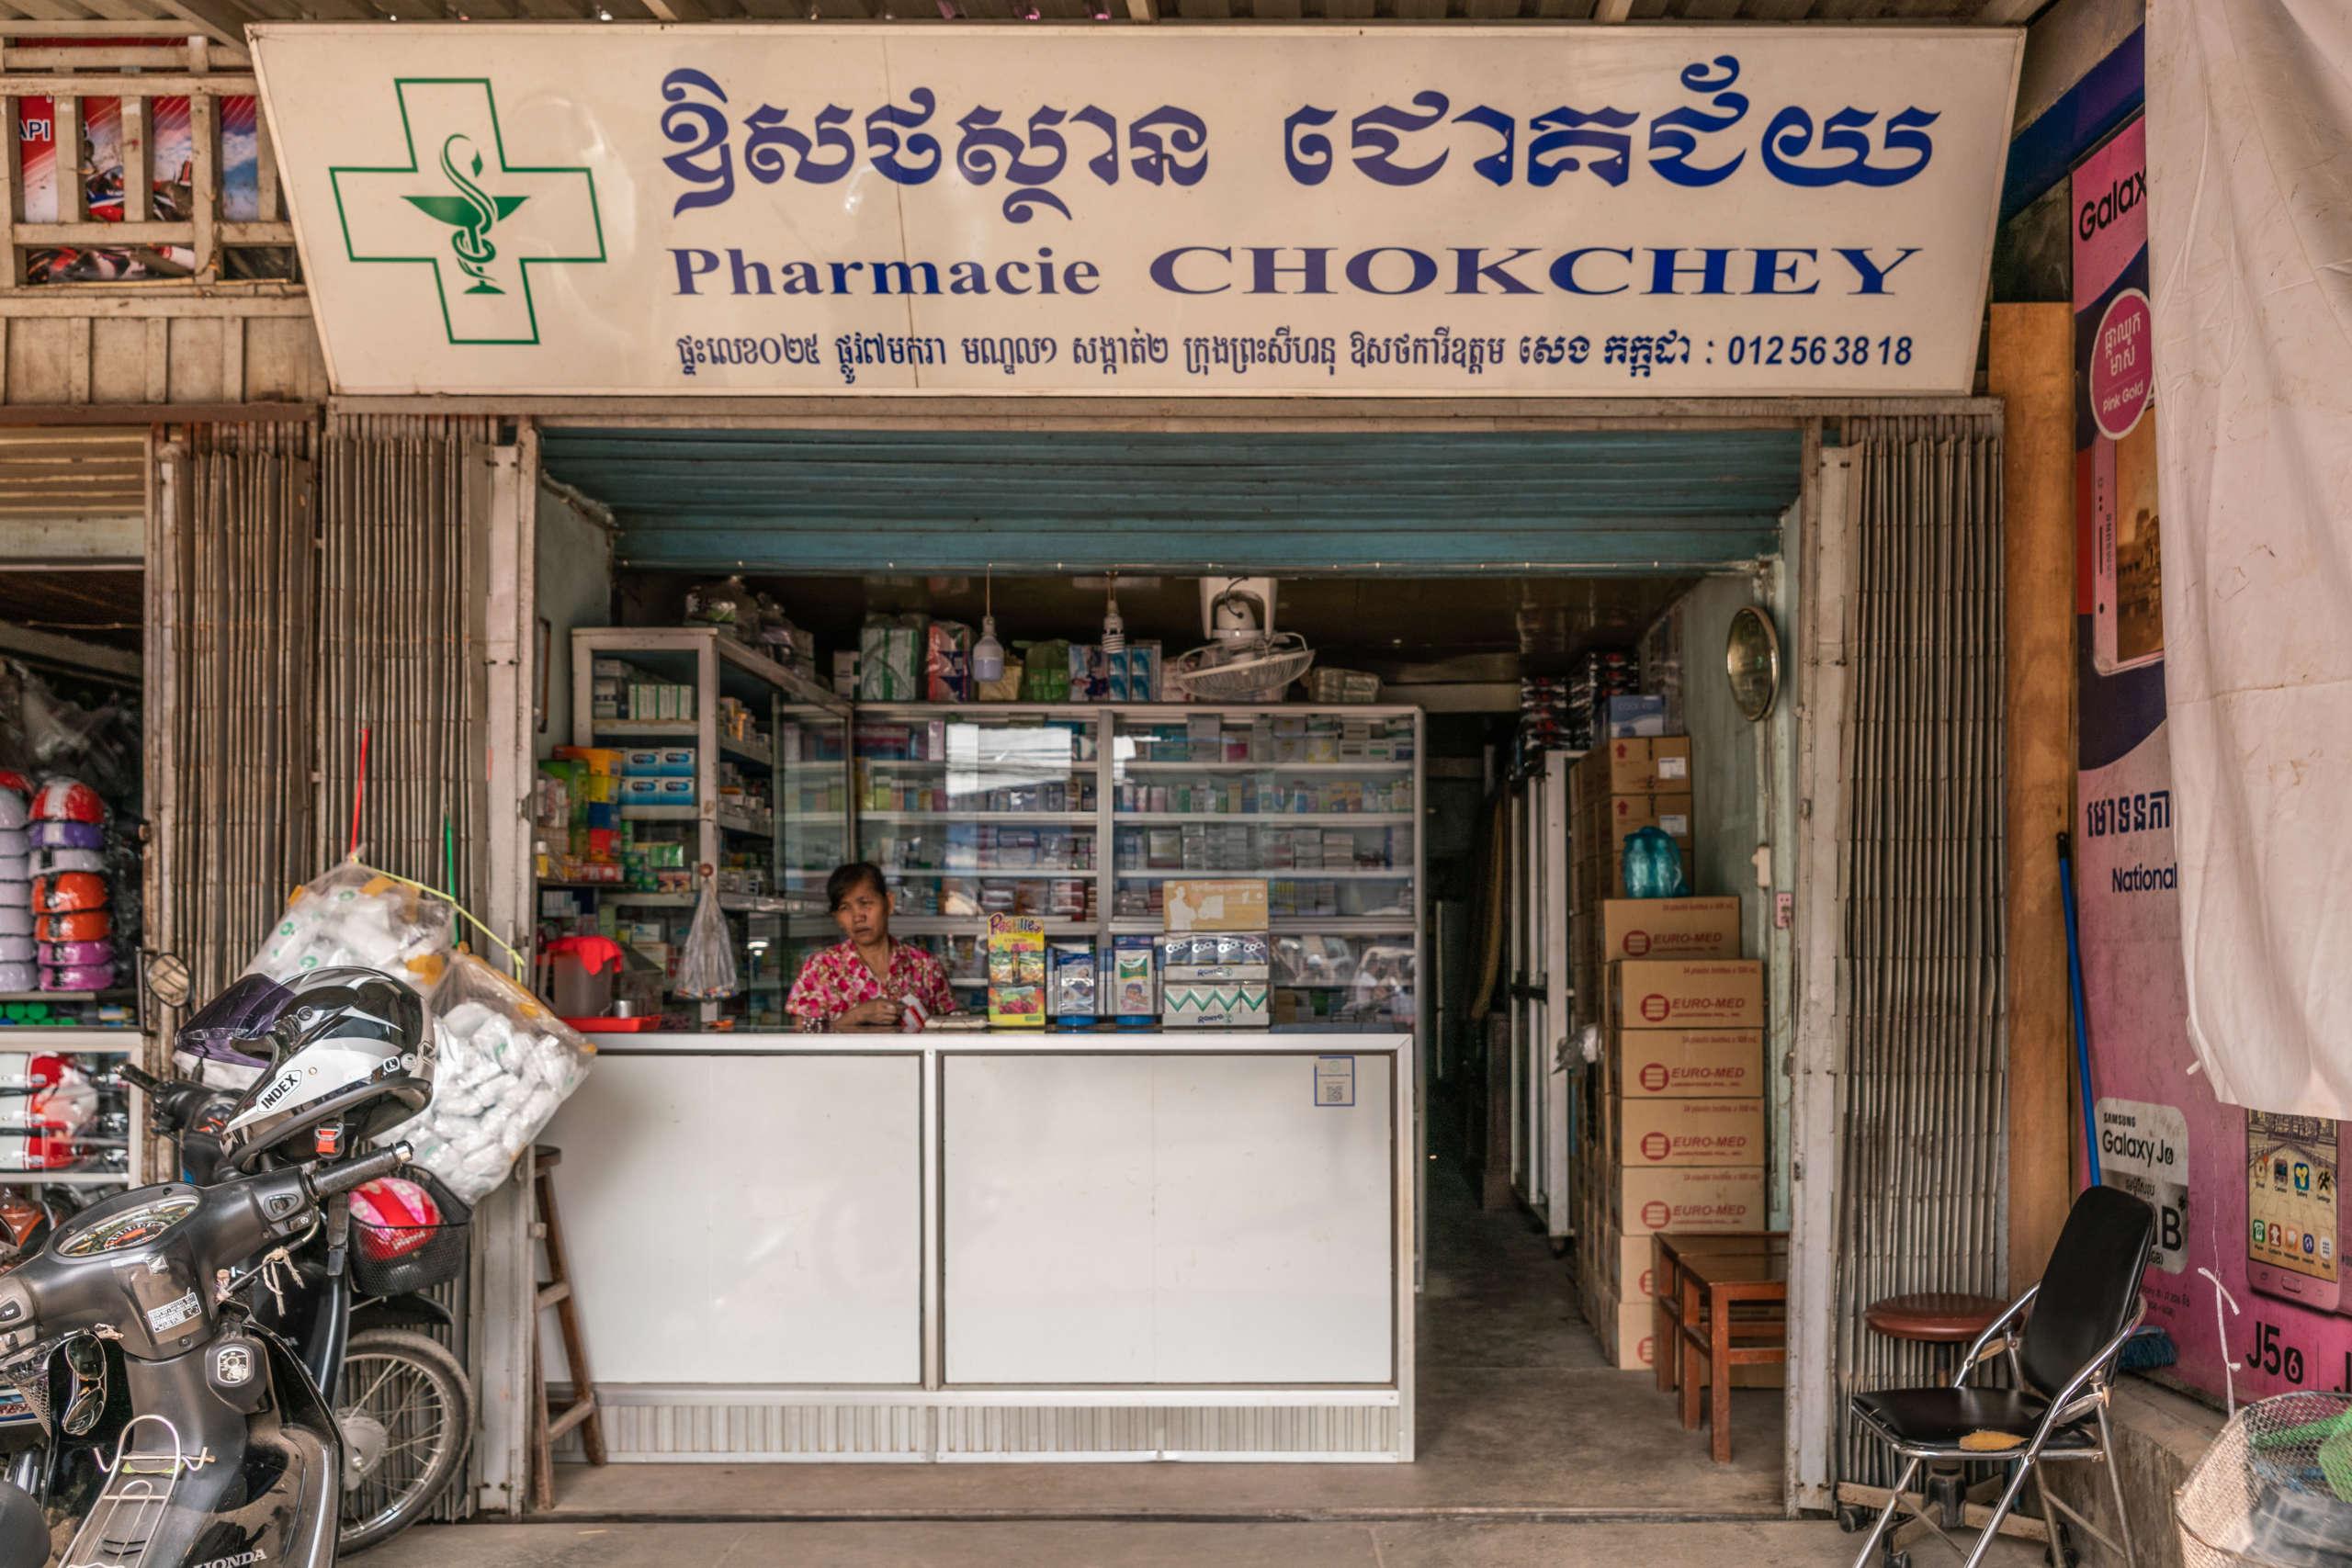 """Eine Frau steht hinter einem Apothekentresen eines offenen Geschäfts mit Apothekenzeichen und der Aufschrift """"Pharmacie Chokchey"""""""